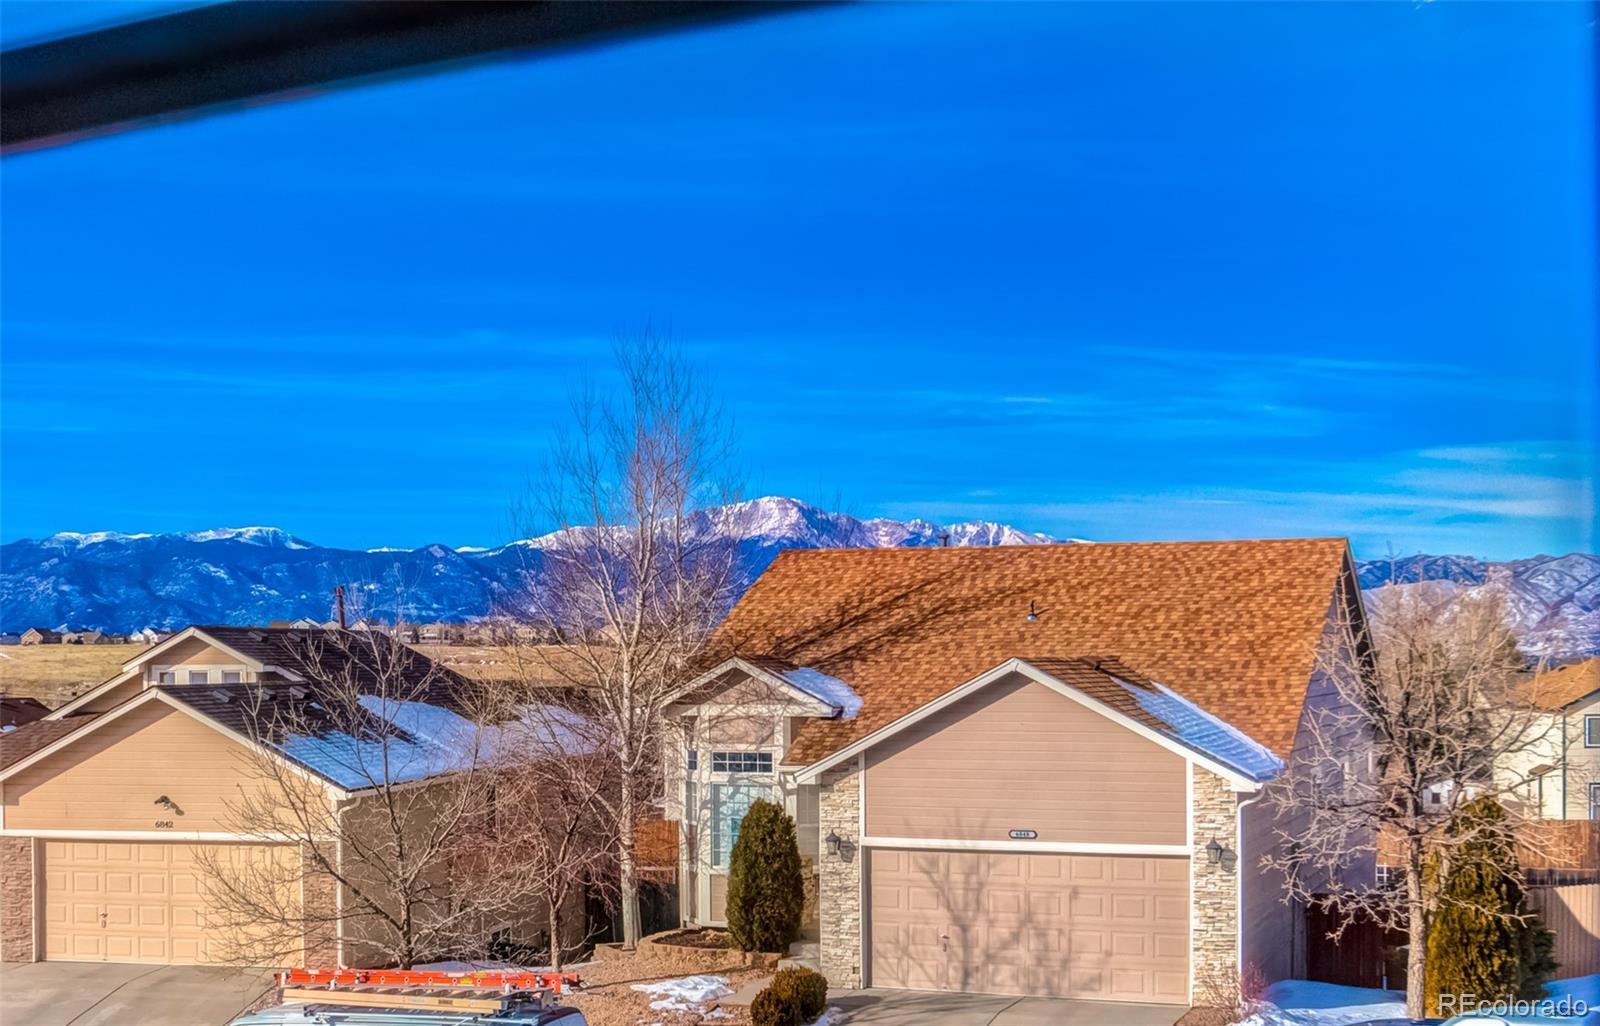 MLS# 8611656 - 2 - 6847 Lost Springs Drive, Colorado Springs, CO 80923